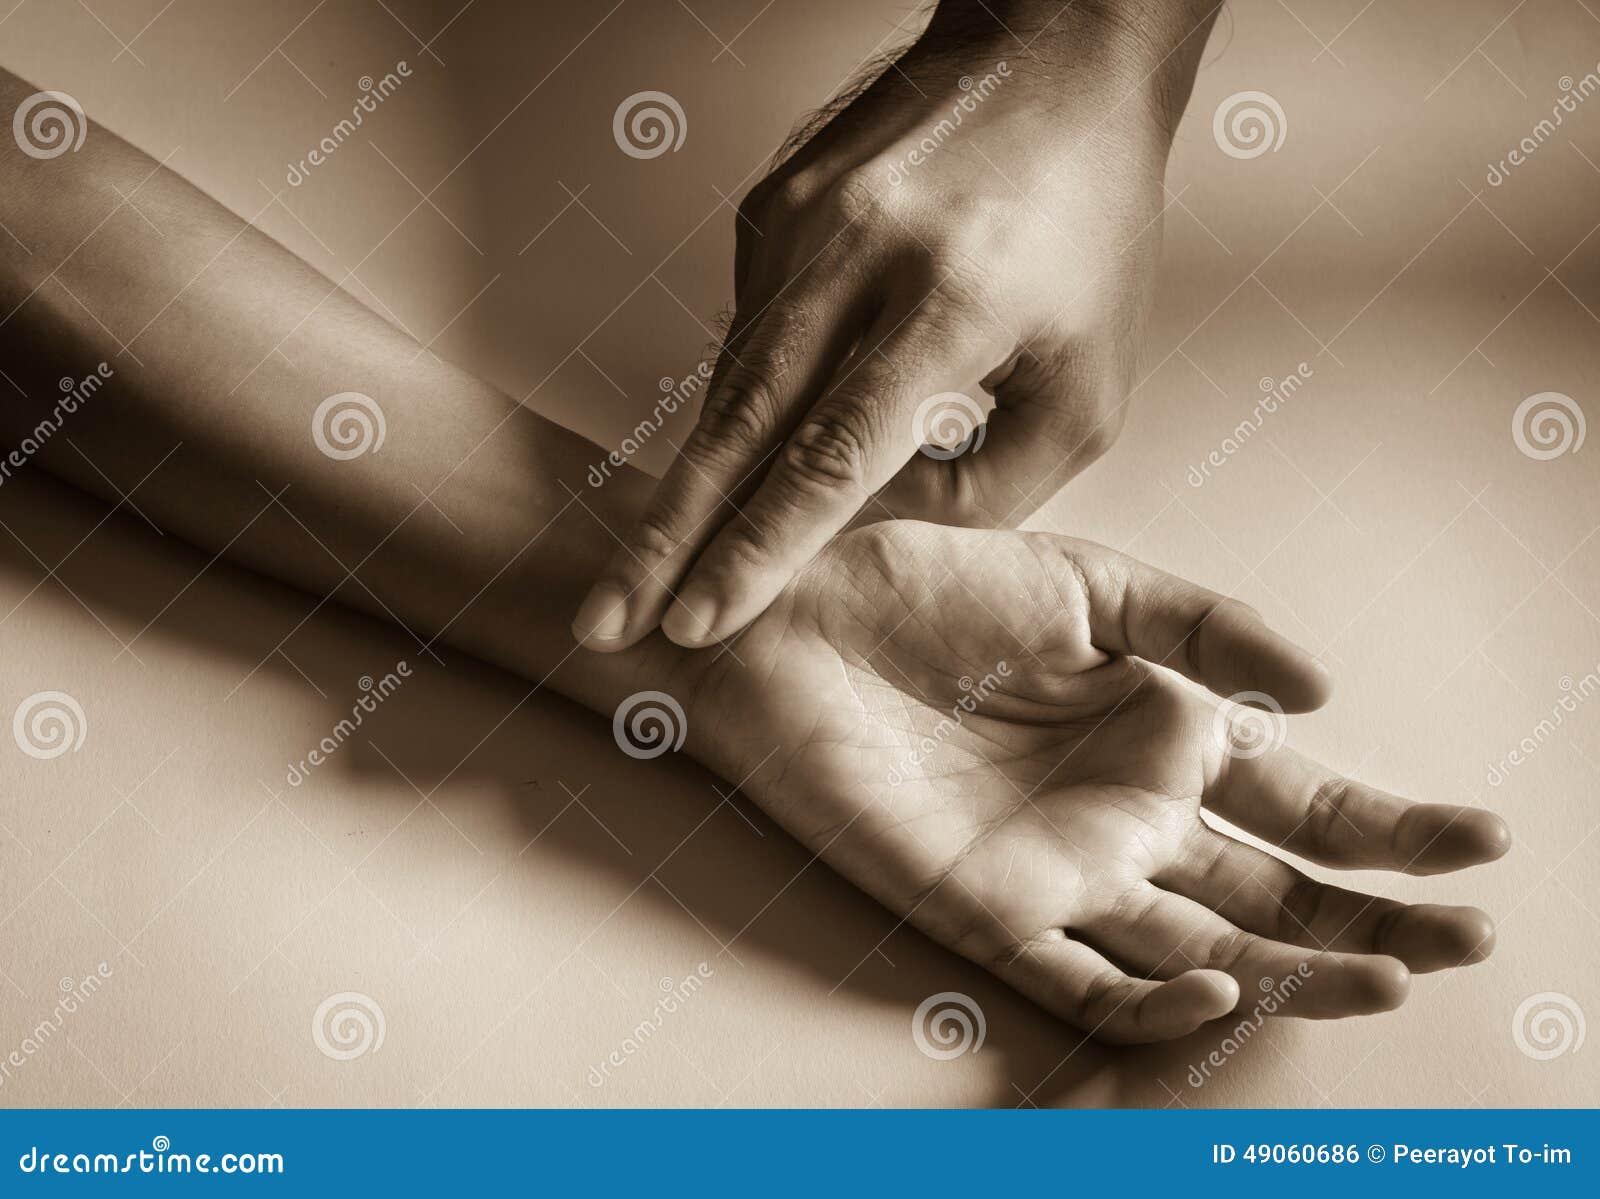 Diagnóstico del pulso con la mano